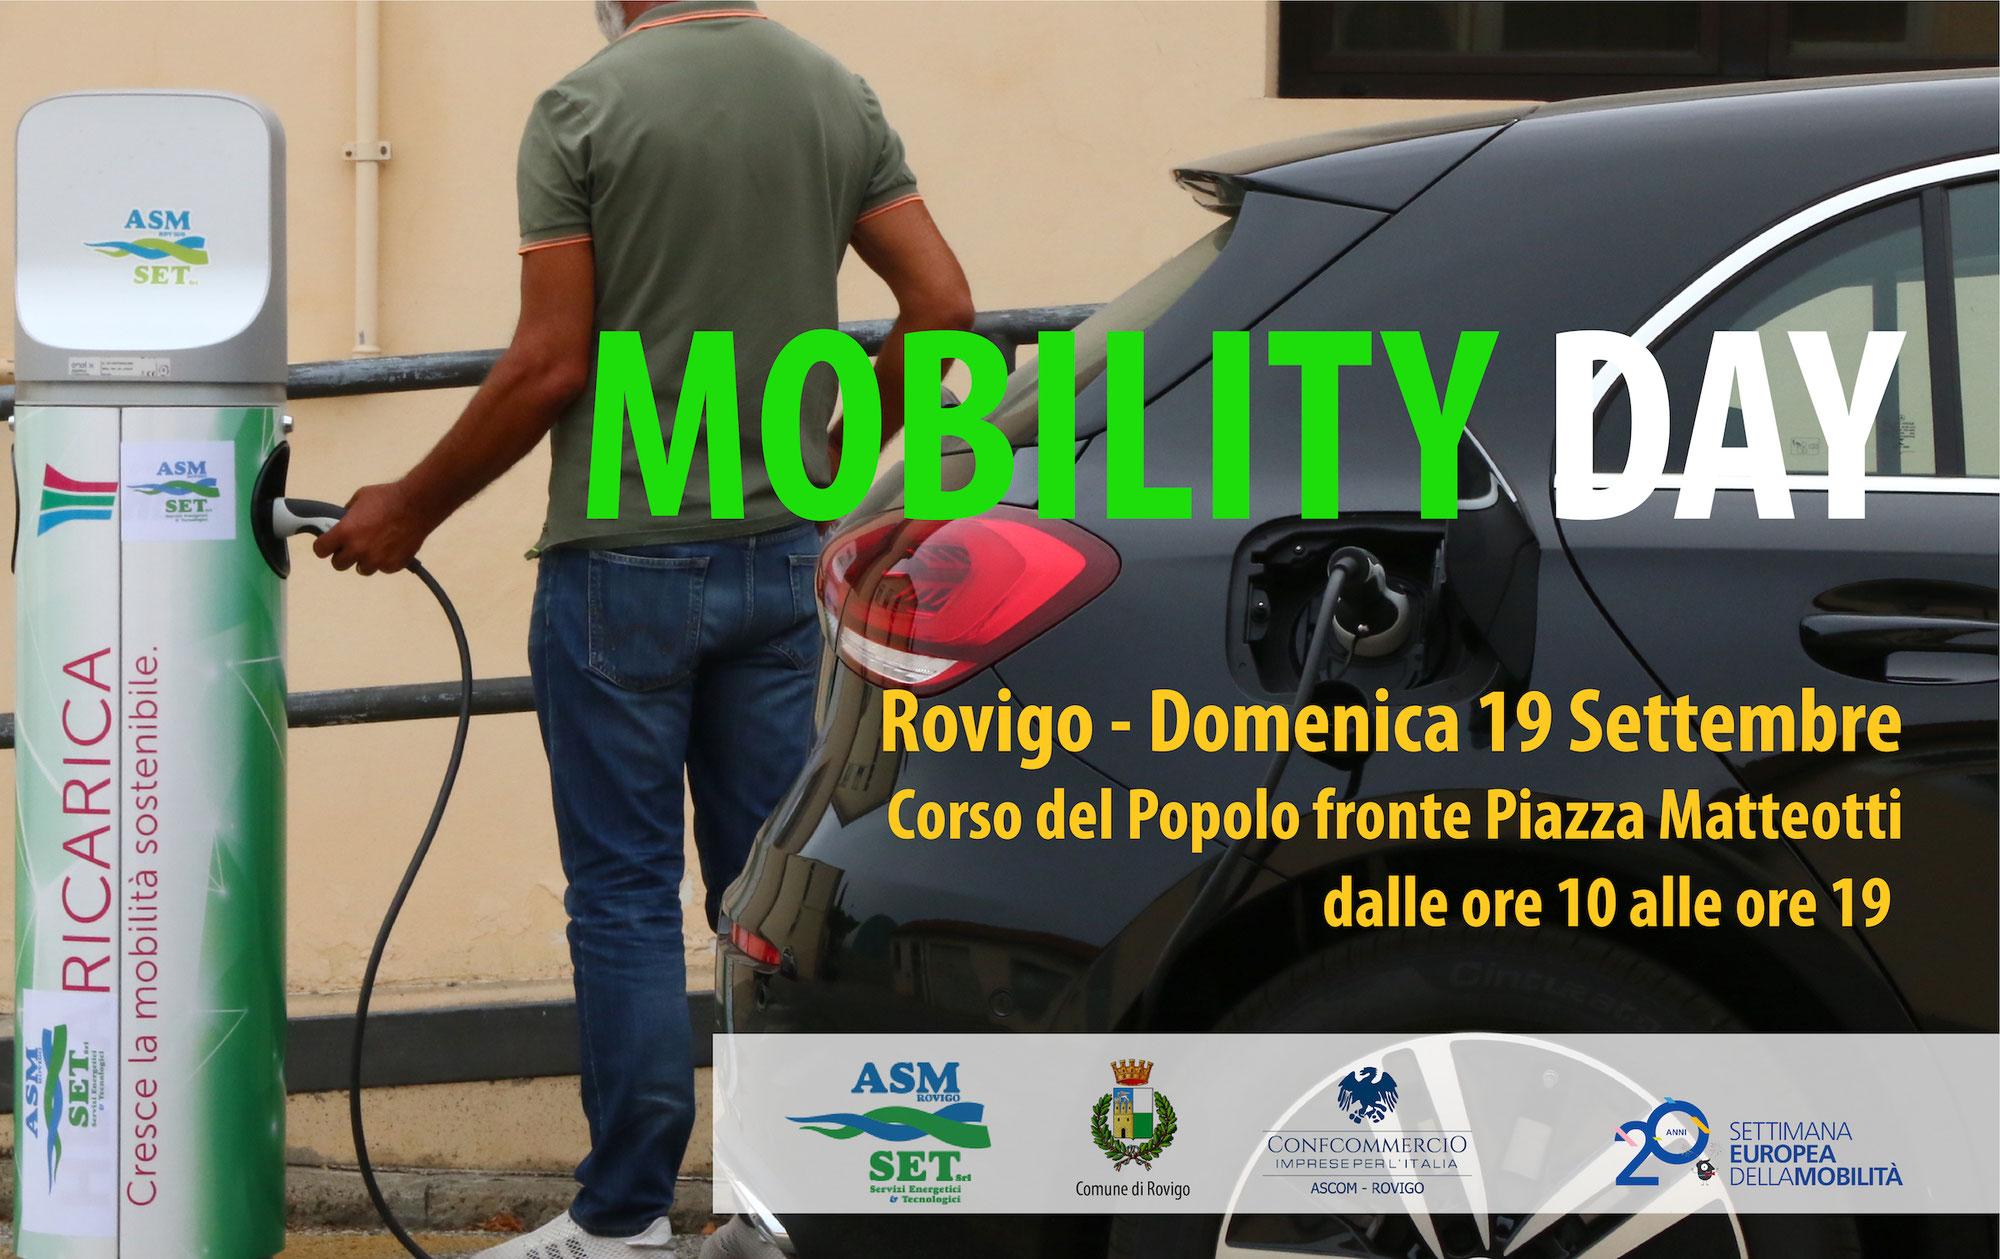 Mobilità Elettrica. Asm Set promuove l'idea di città rigenerata e rigenerativa